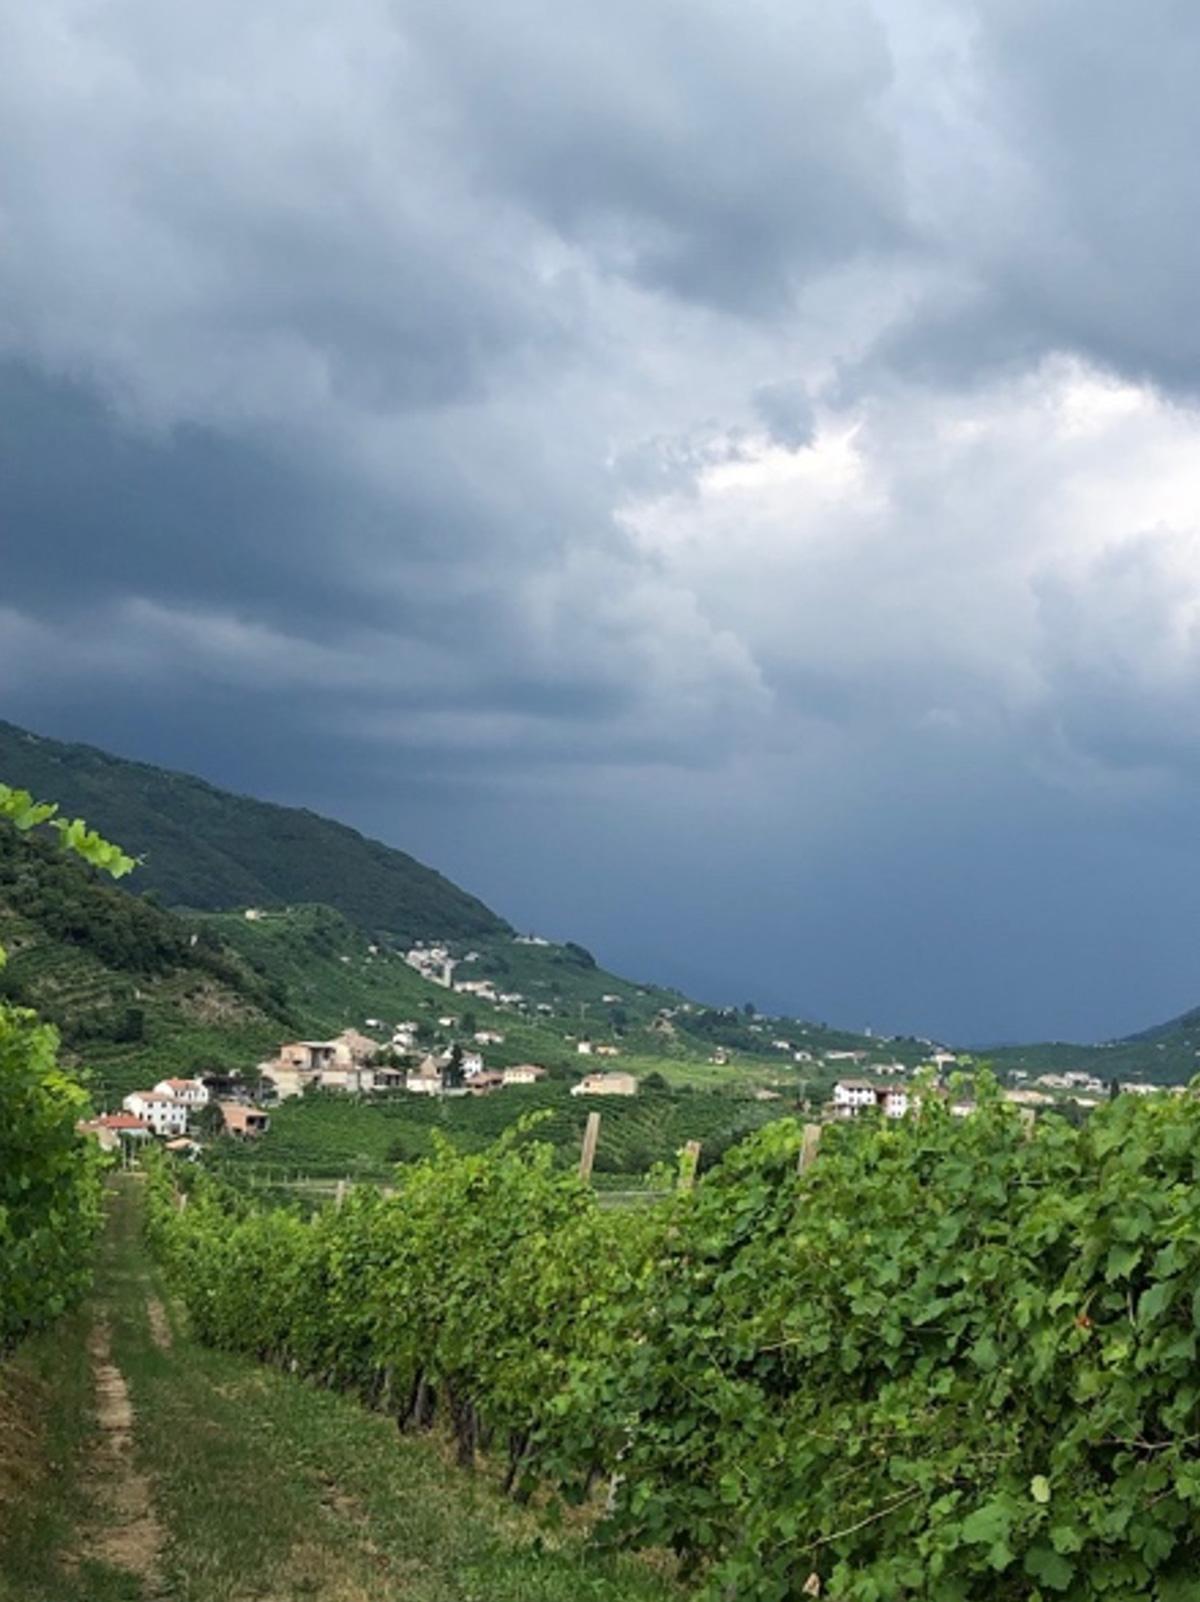 Valdobiaddene. Photo by Vinotalia